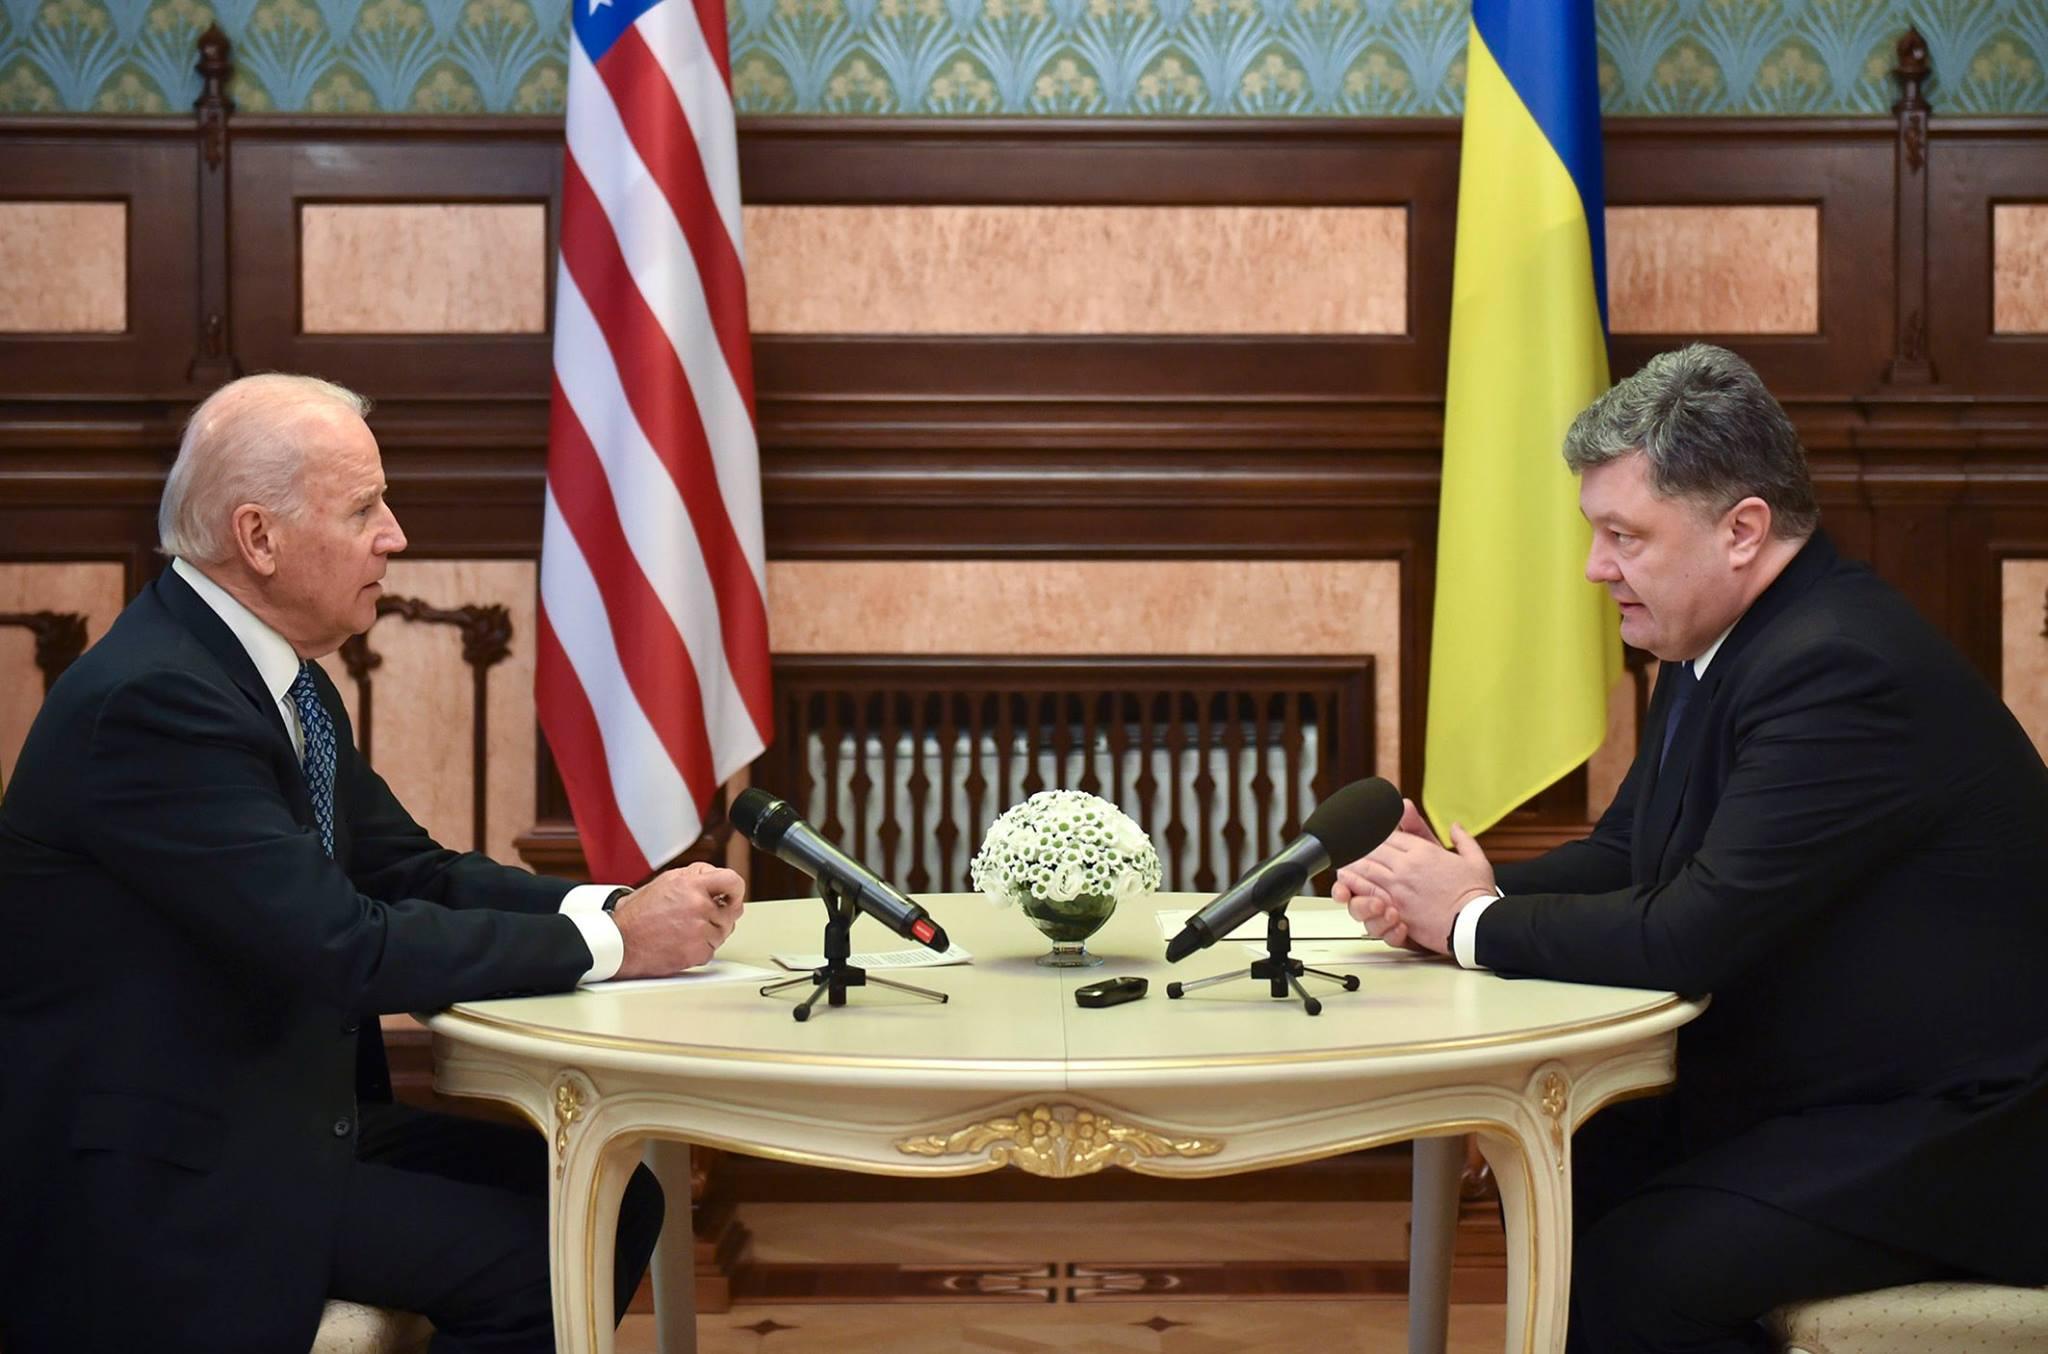 Порошенко заявил о готовности поддержать коалицию в Сирии